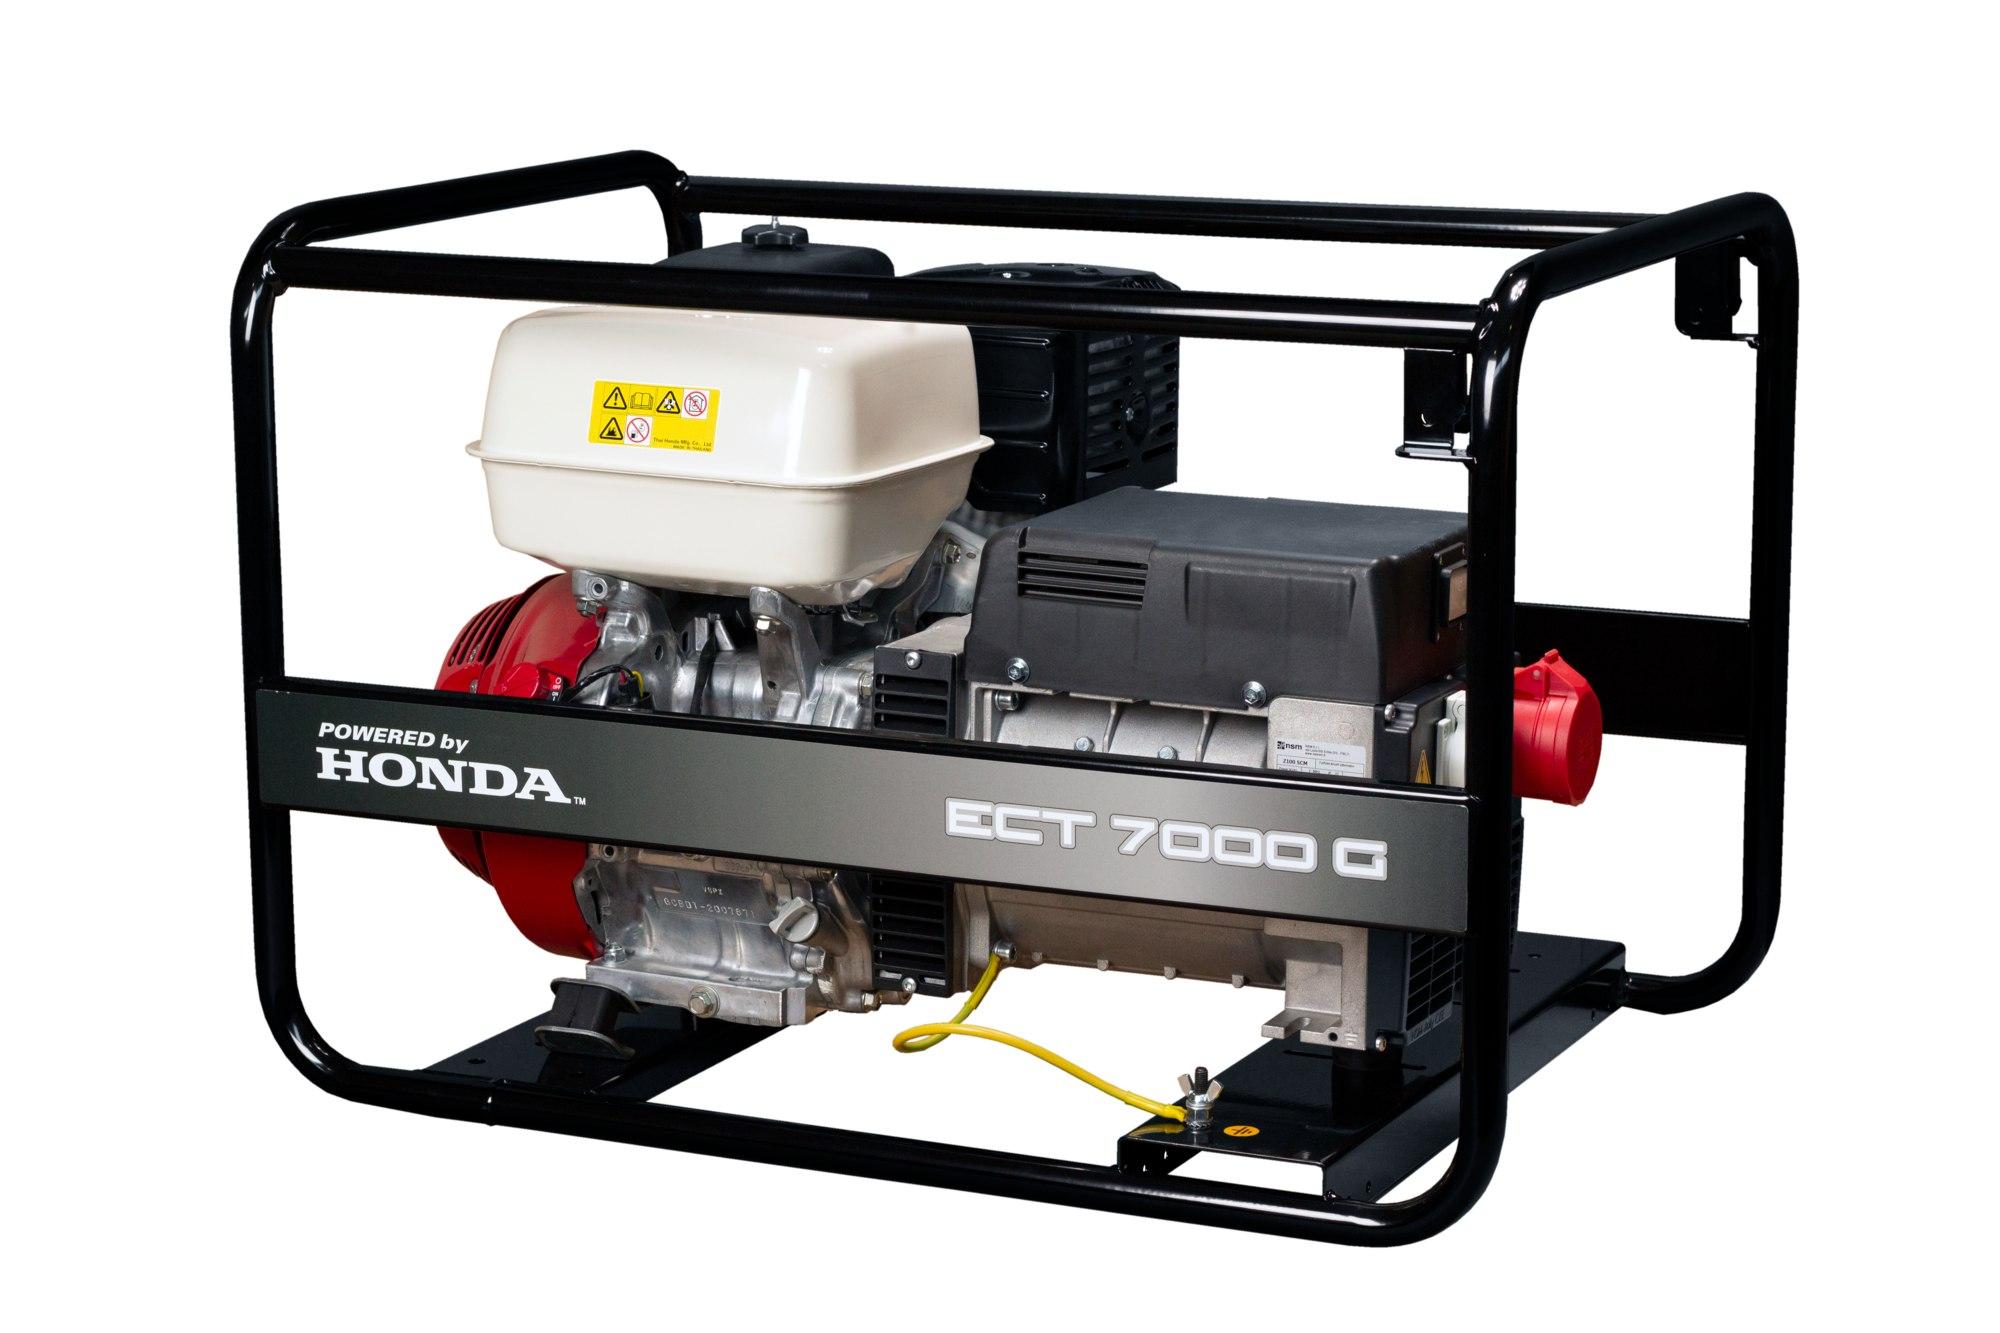 Třífázová elektrocentrála  Honda ECT 7000G